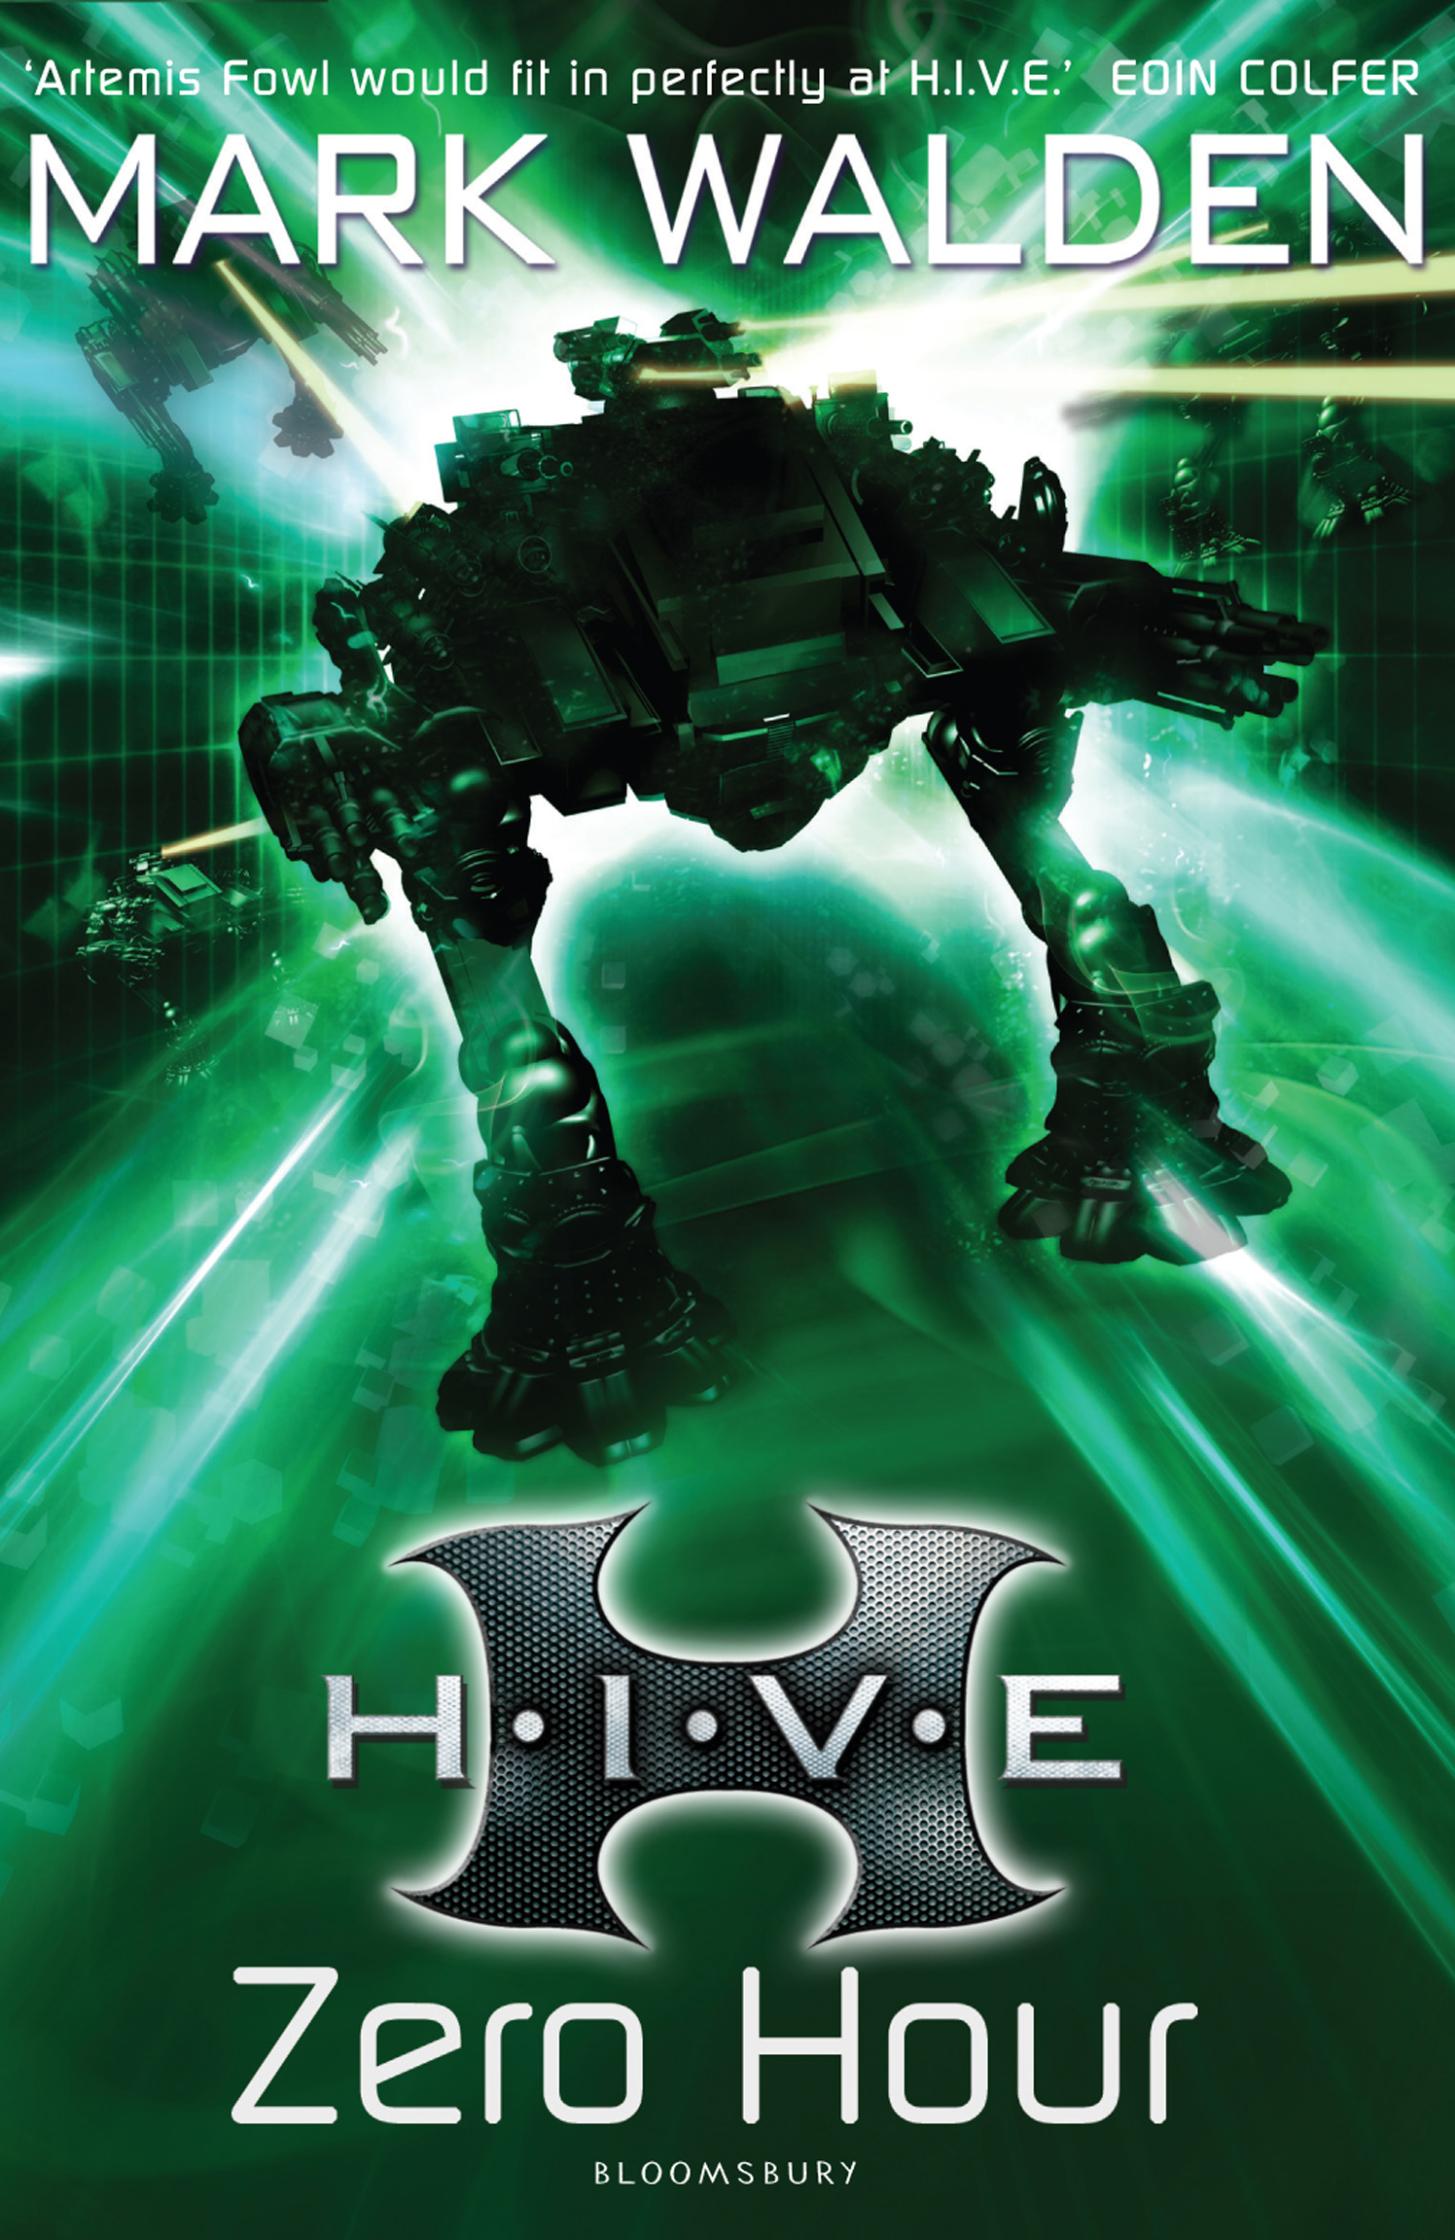 H.I.V.E - Zero Hour